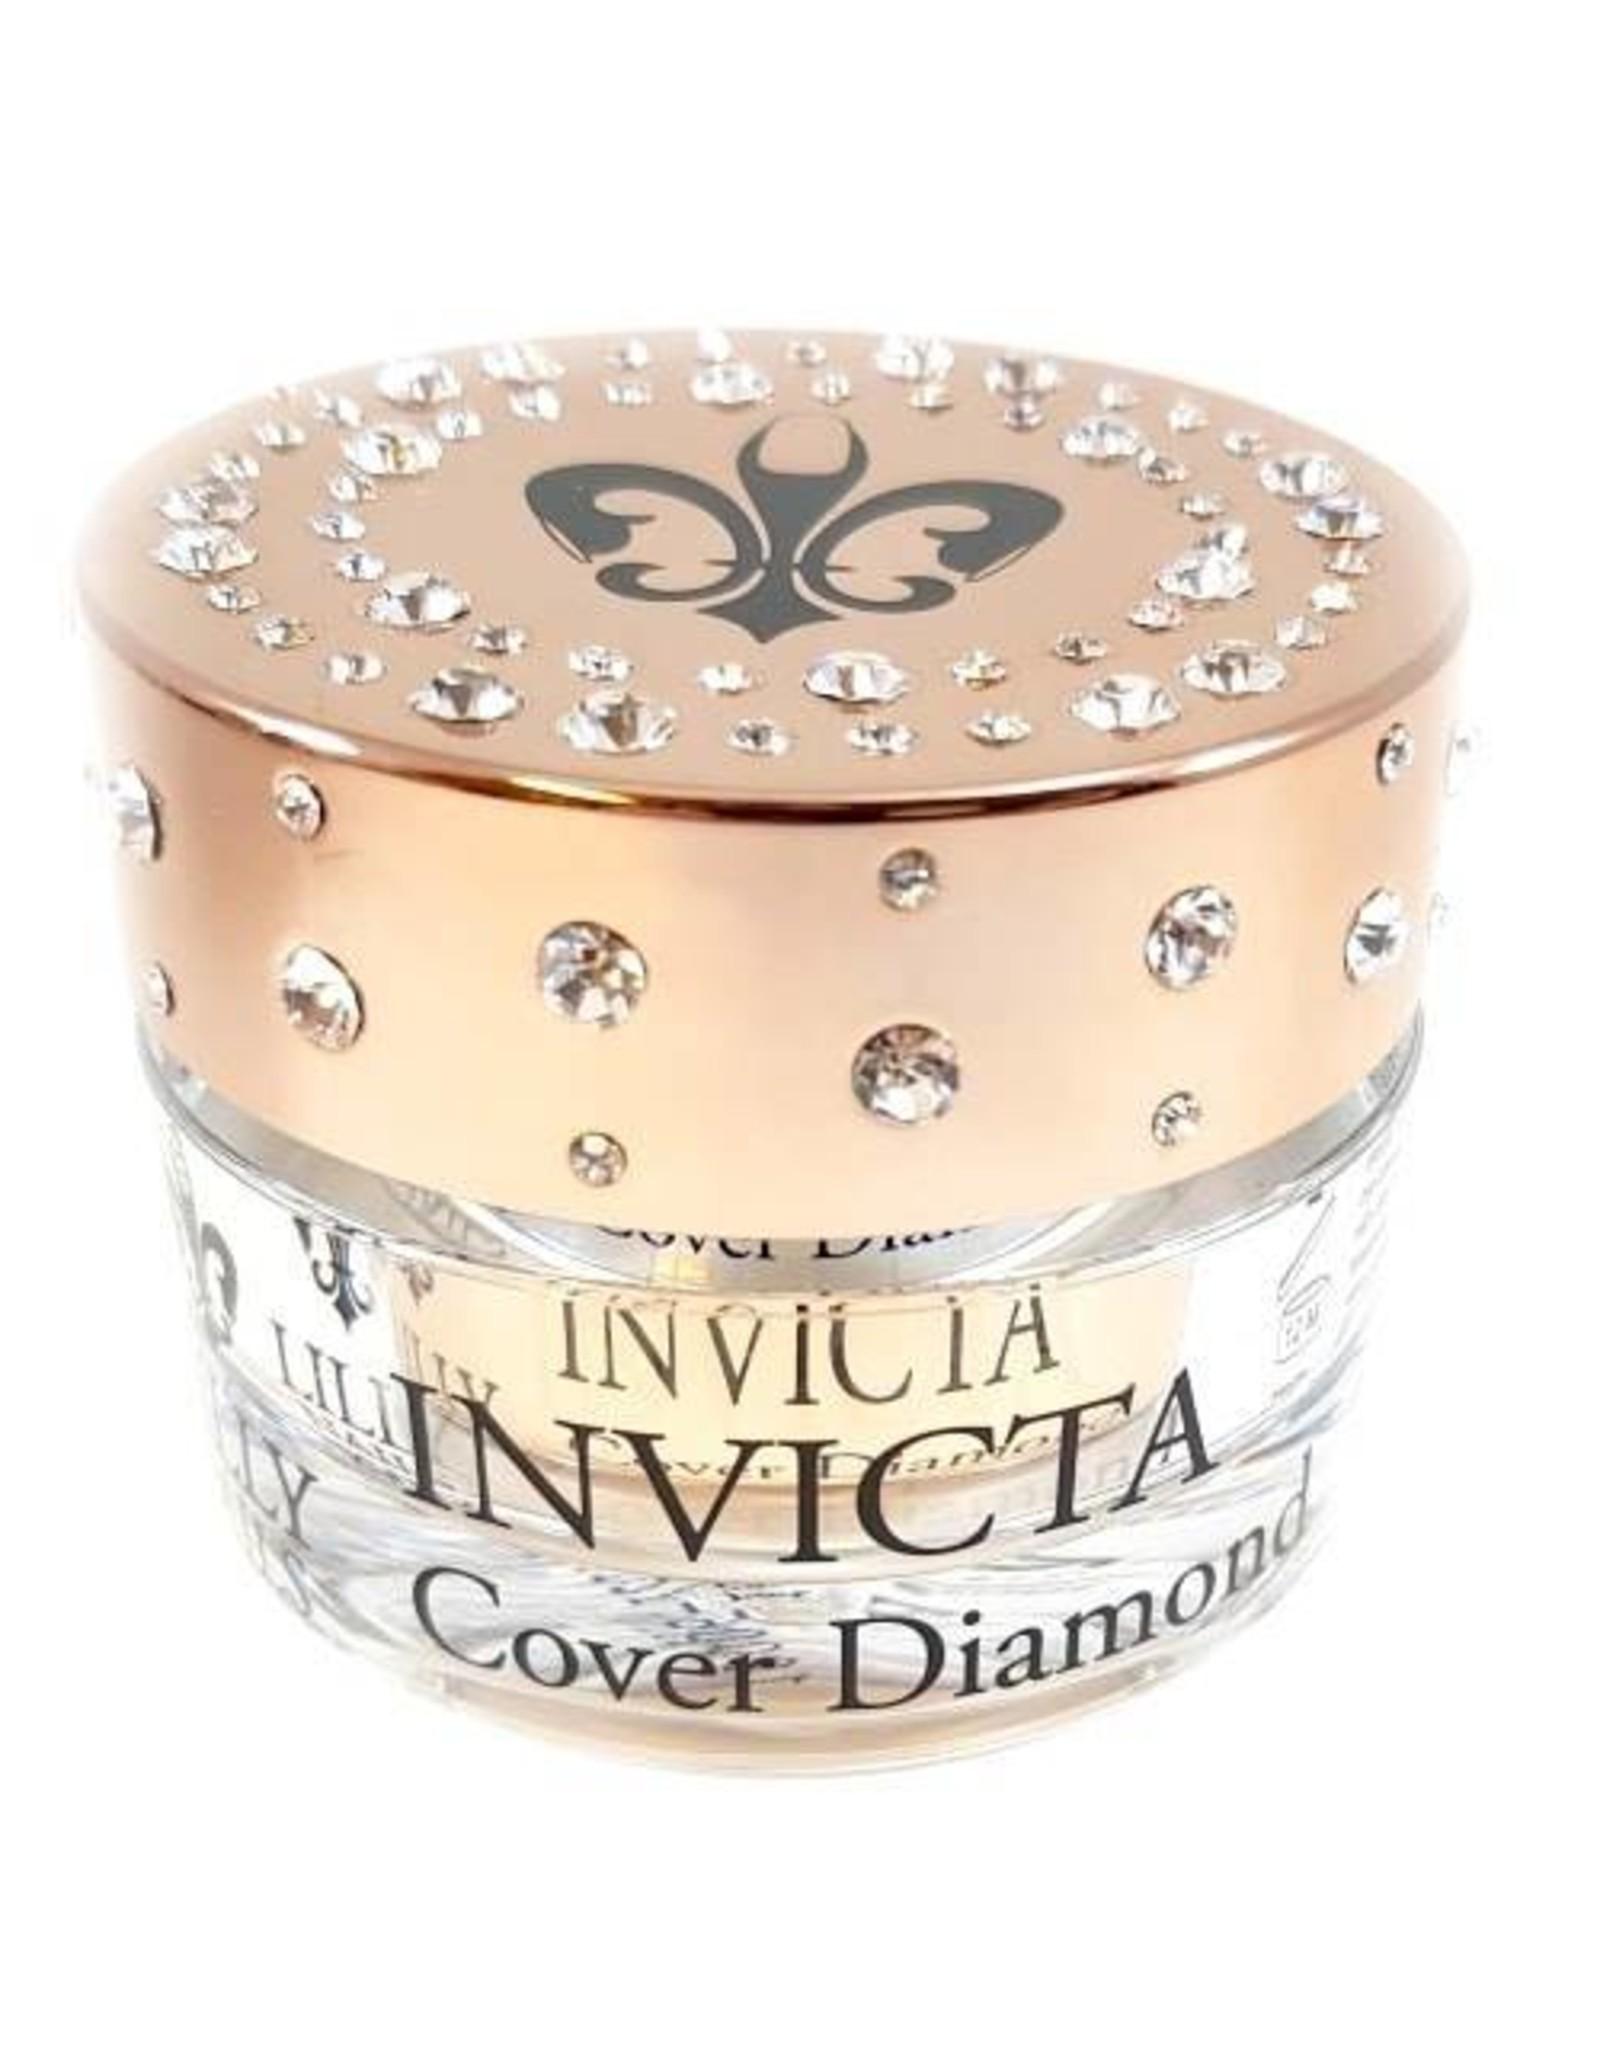 Invicta Cover Diamond